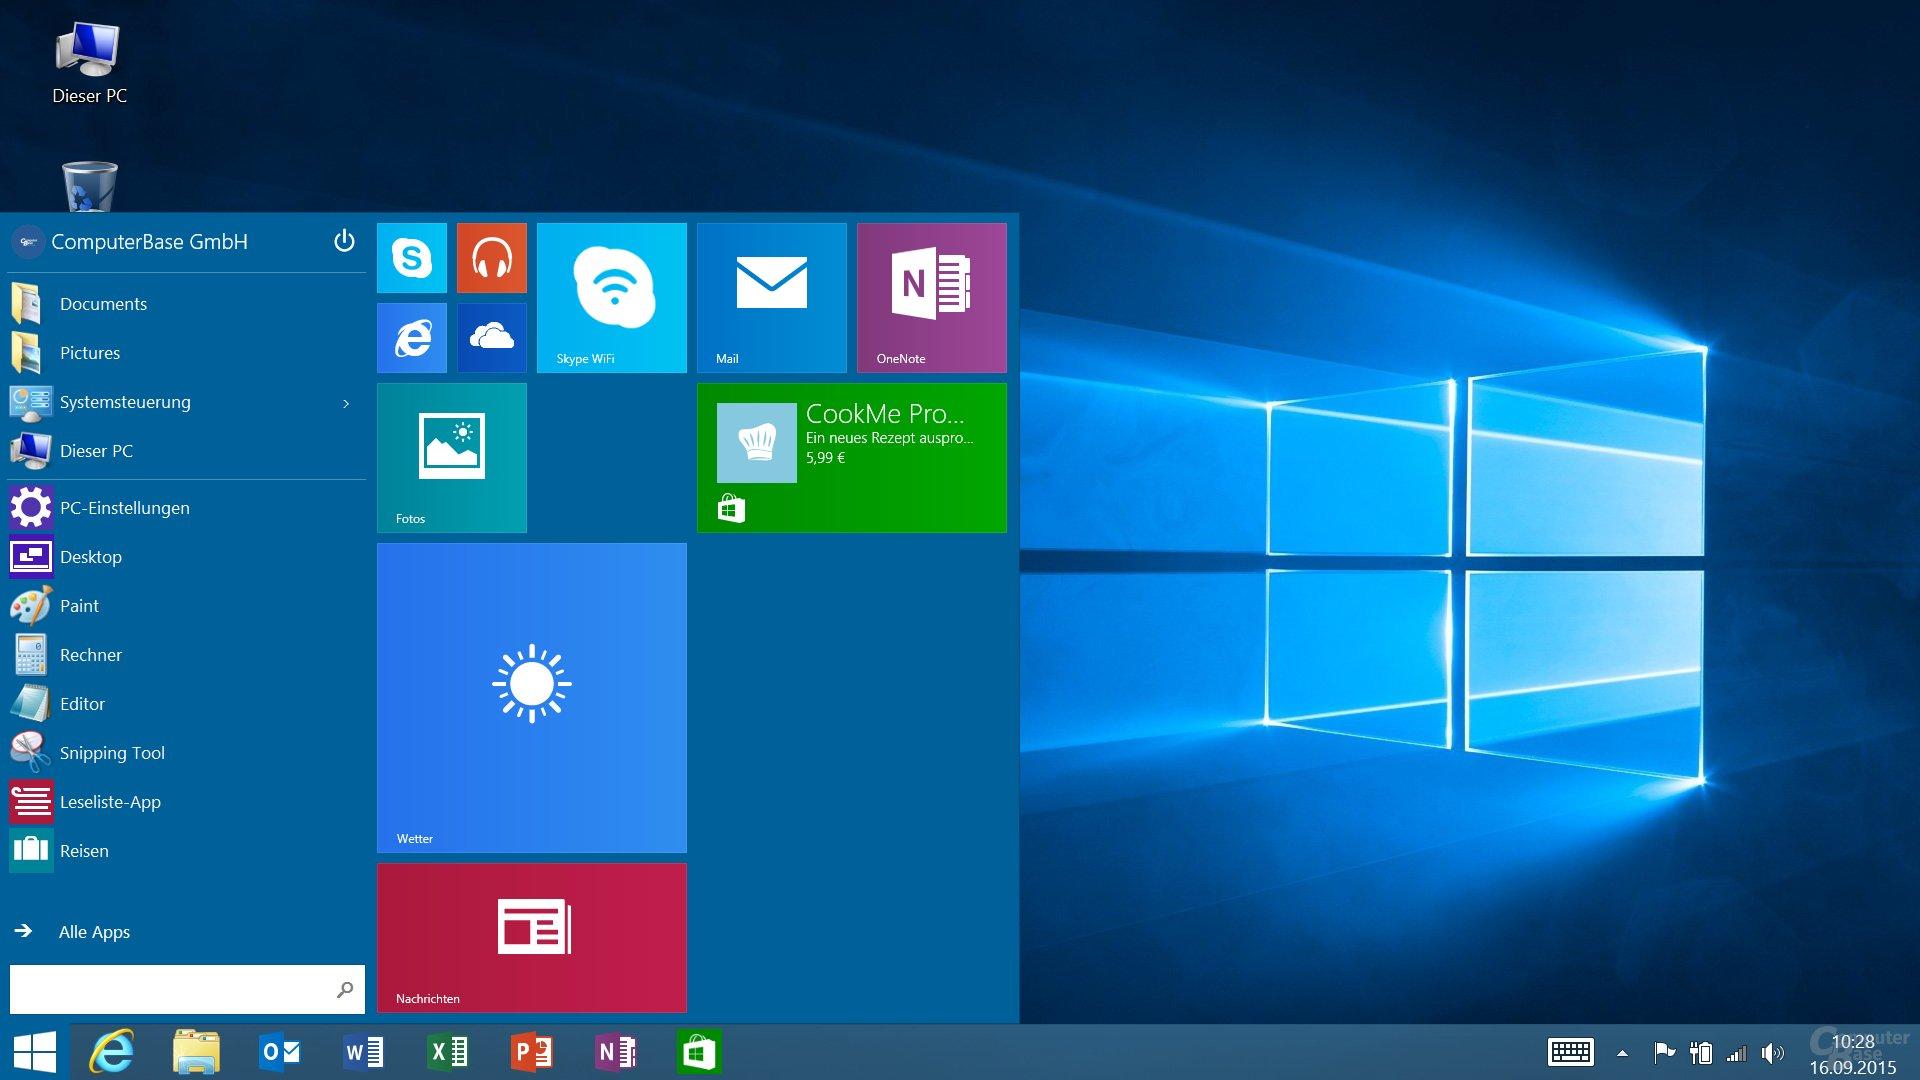 Der rechte Bereich kann wie unter Windows 10 auch größer ausfallen